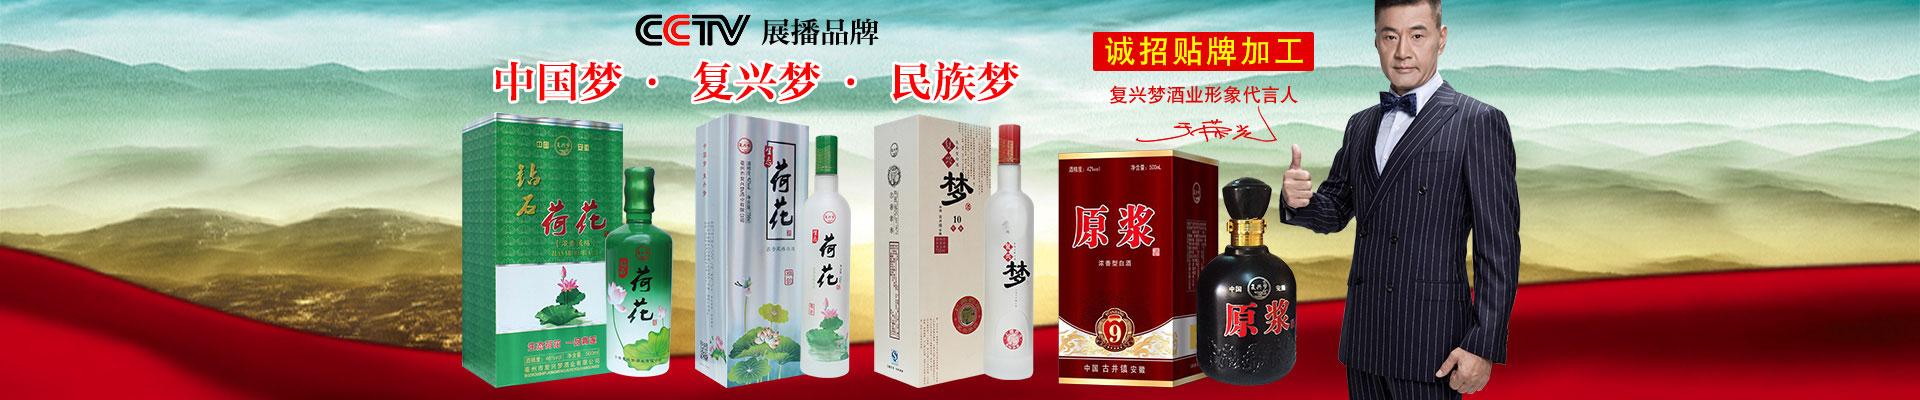 安徽古井镇复兴梦酒业有限公司